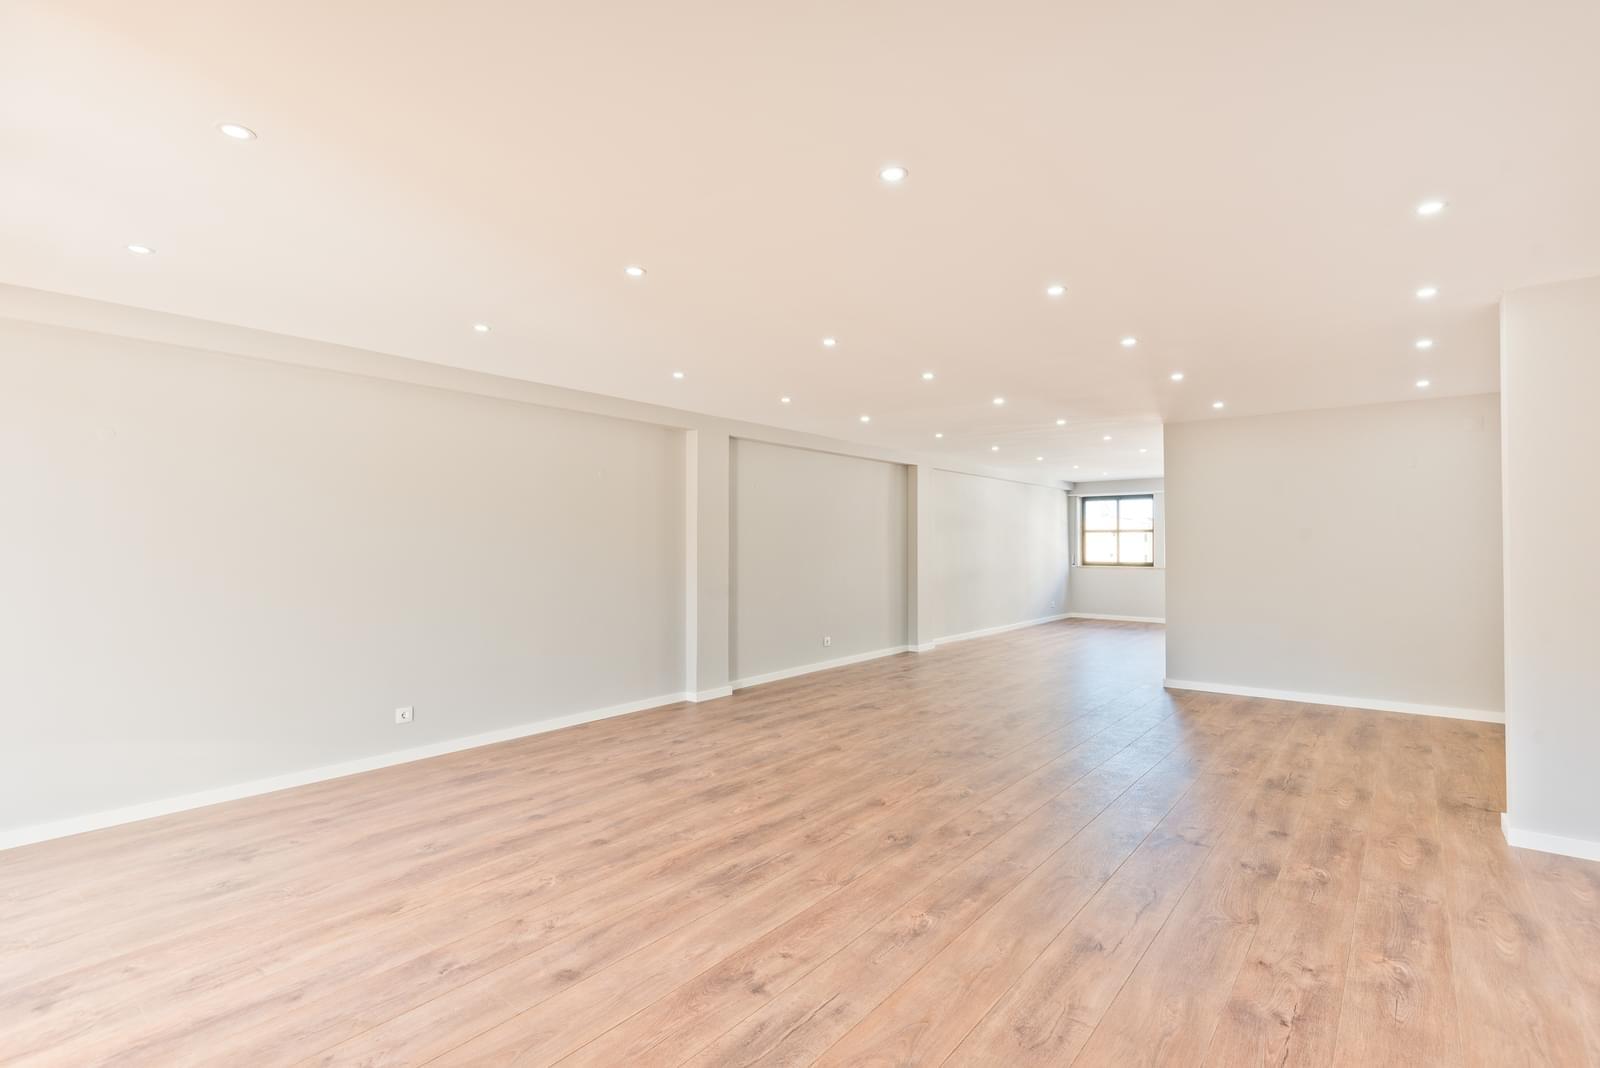 pf18963-apartamento-t5-cascais-3faee022-5fda-47db-ae14-a74cf163deab